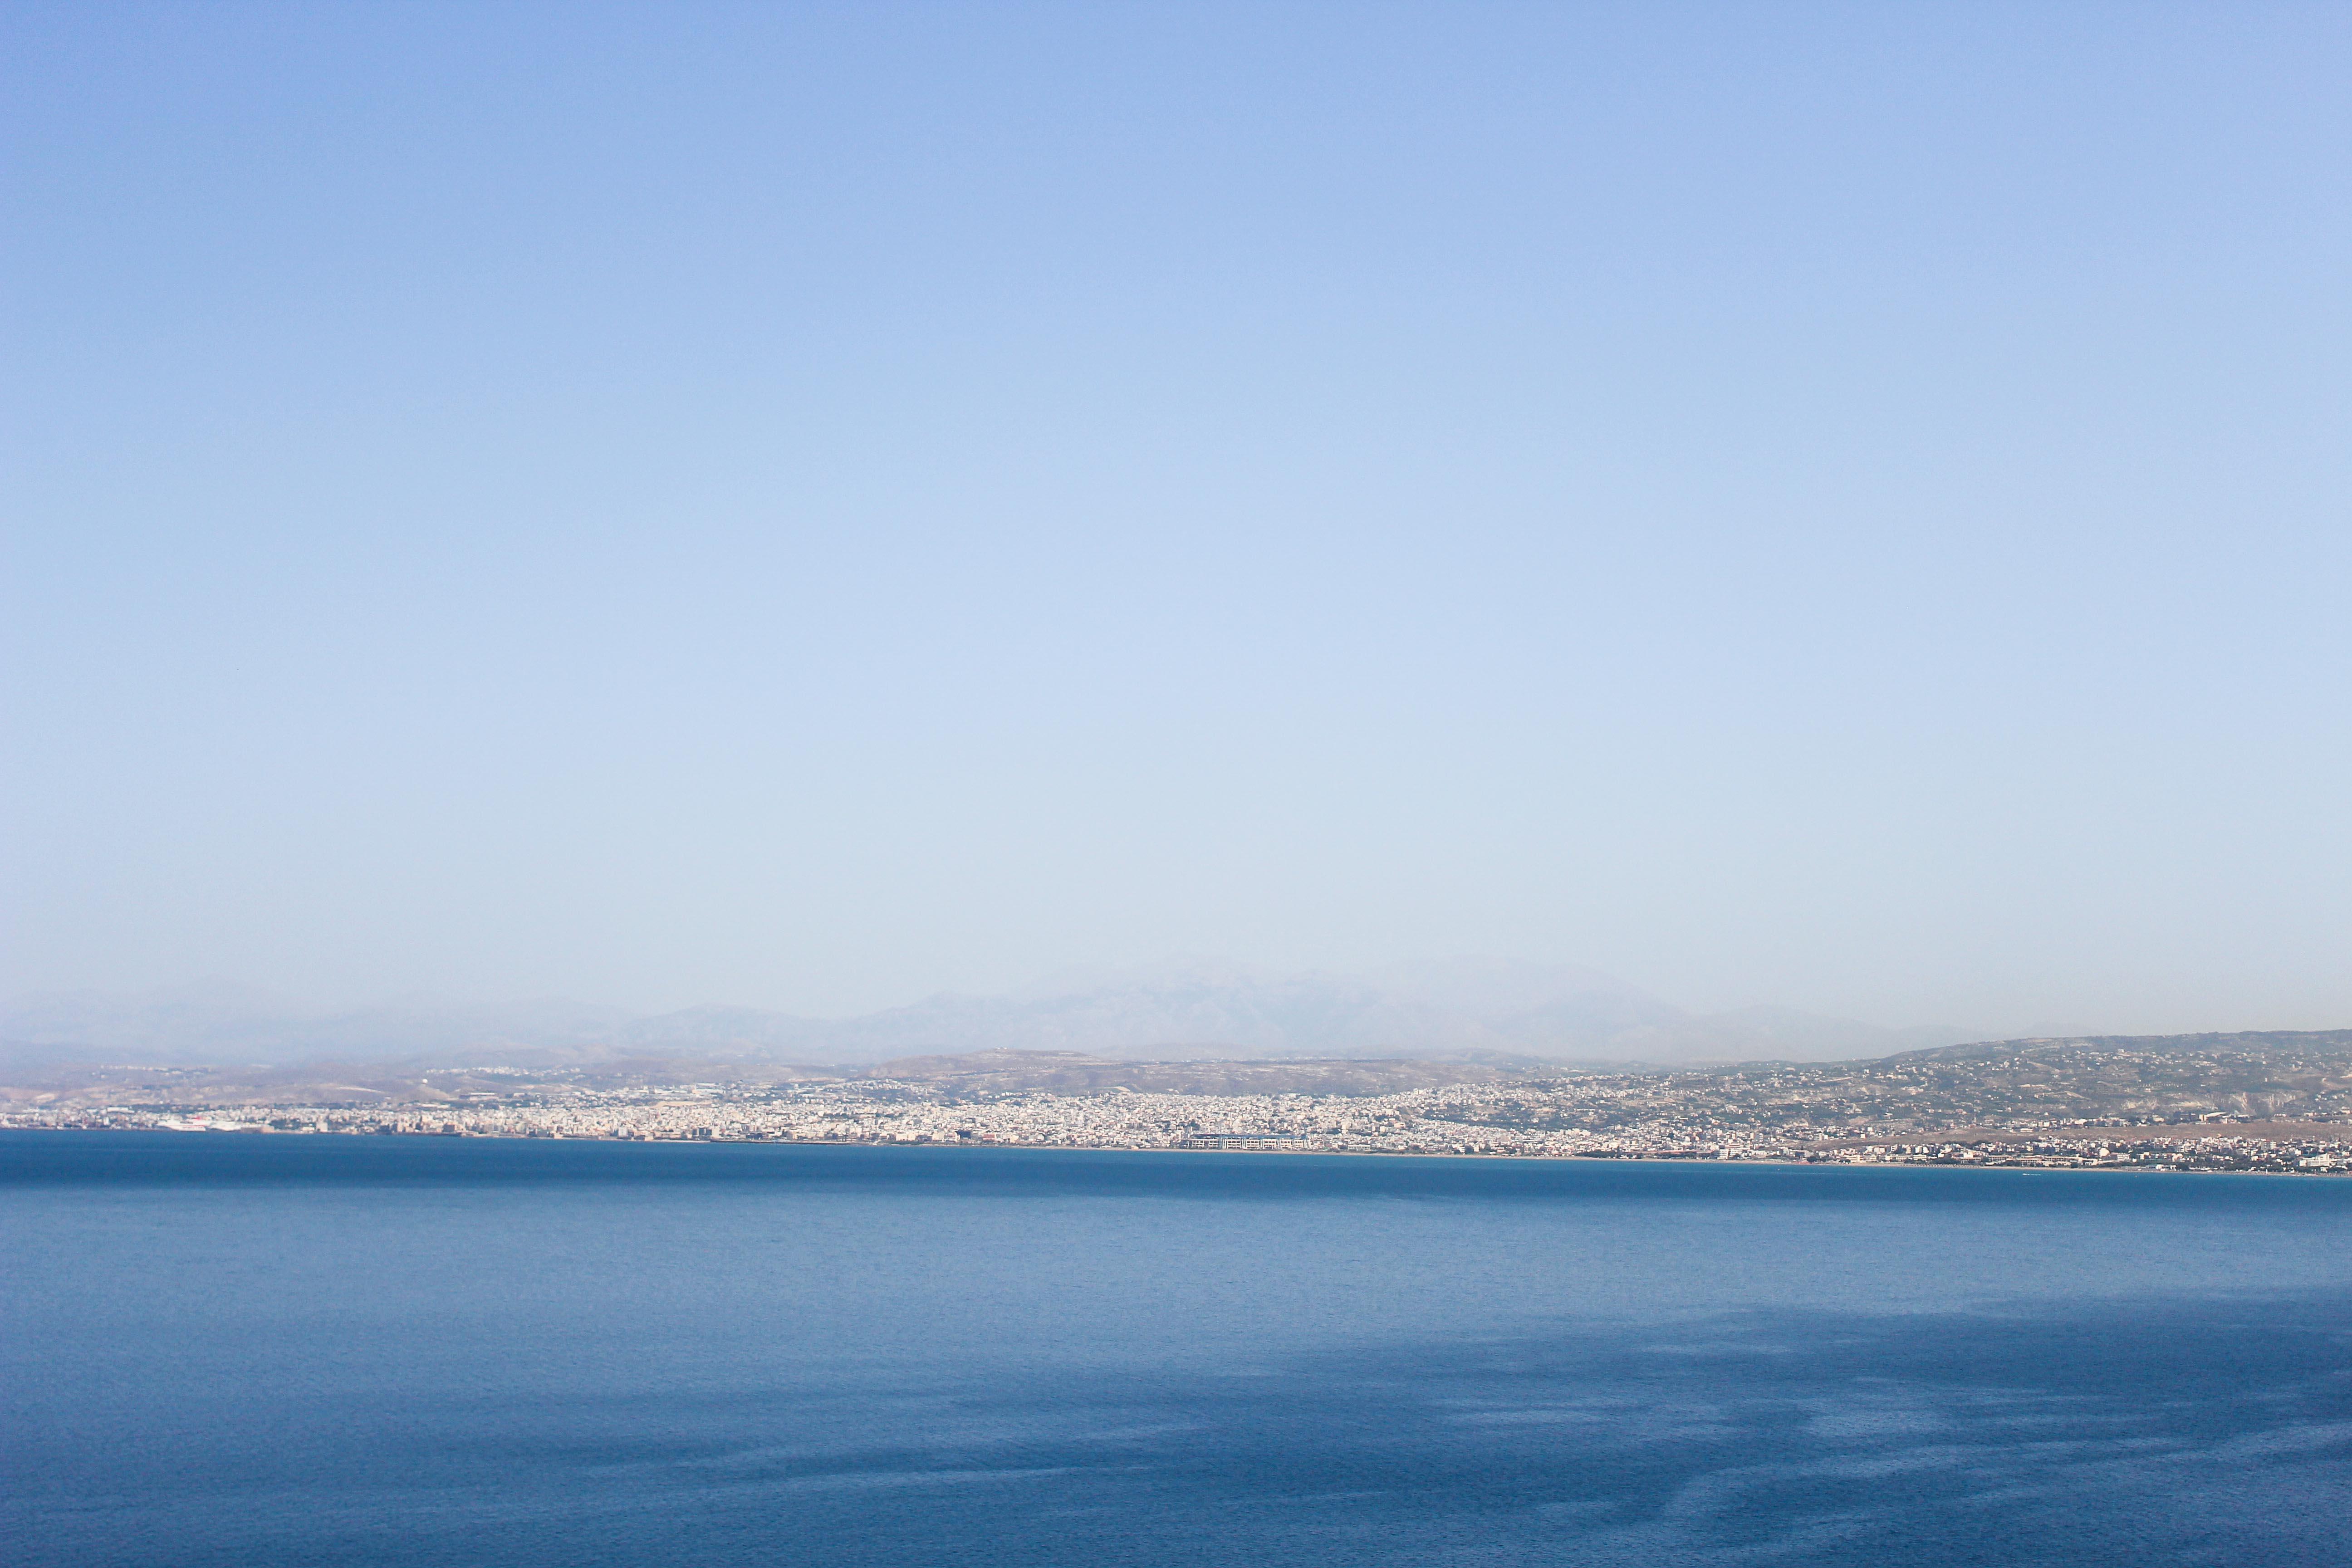 Top Kreta Sightseeing Kreta Sehenswürdigkeiten für einen Tagesausflug Meer Klippe Ausflug Mietwagen Blick auf Heraklion